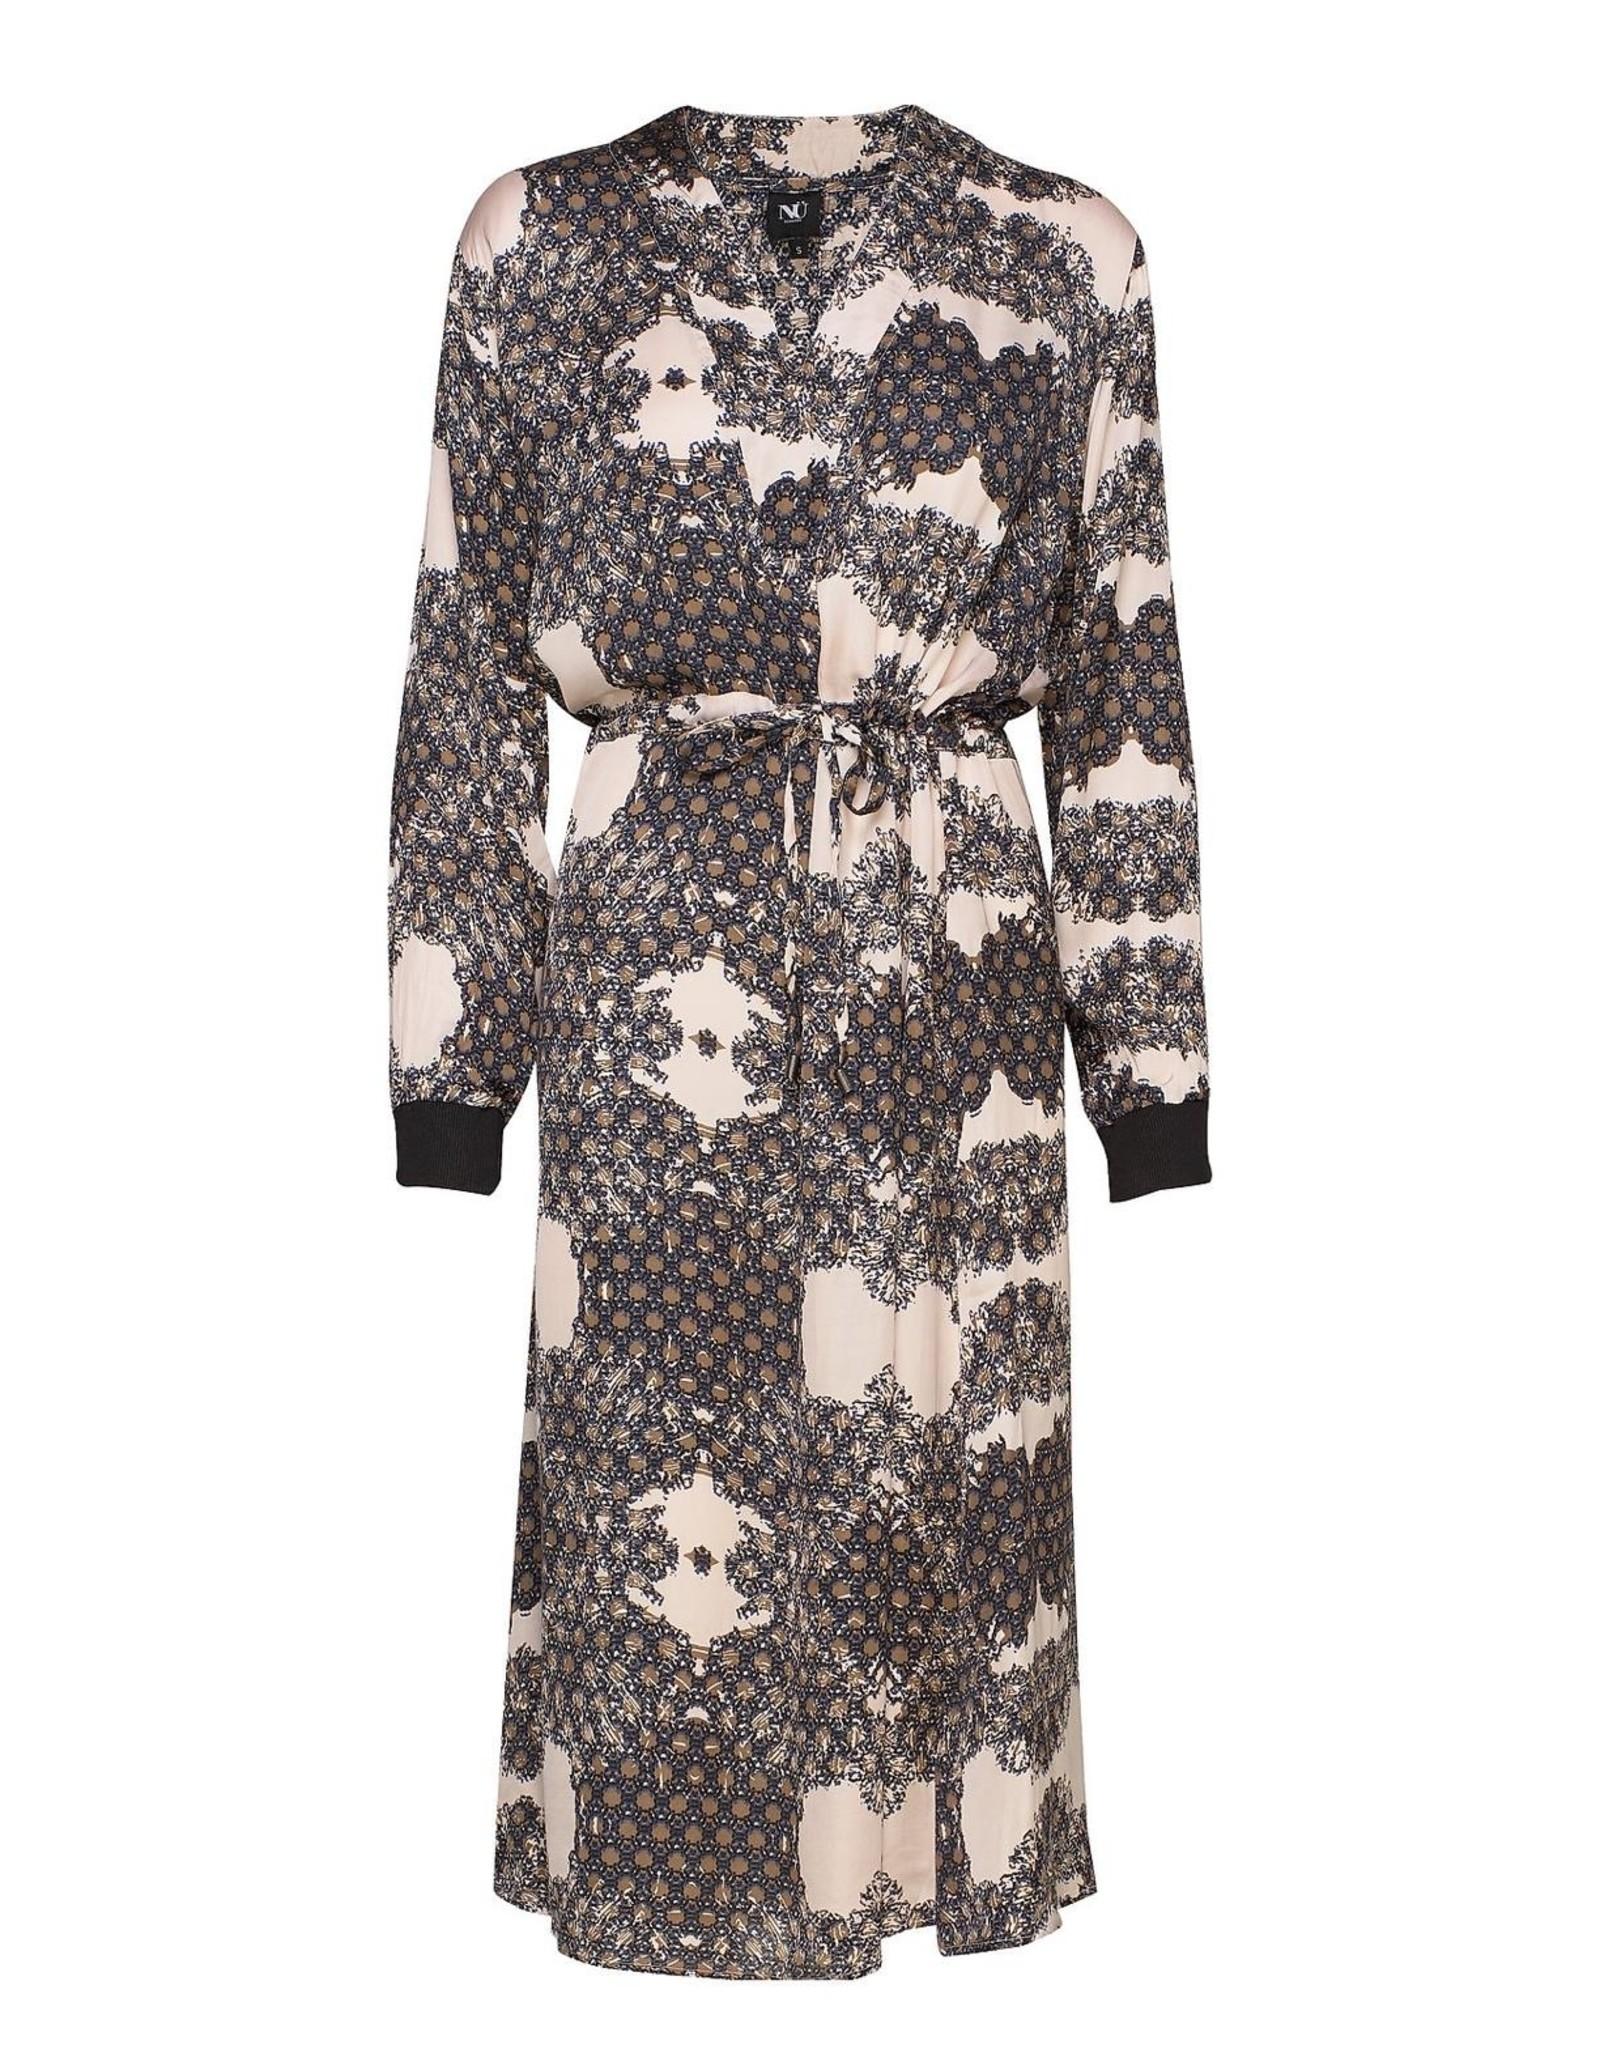 NU DANISH CARA PRINT DRESS WITH V-NECK 6305-23 DRESS CARA